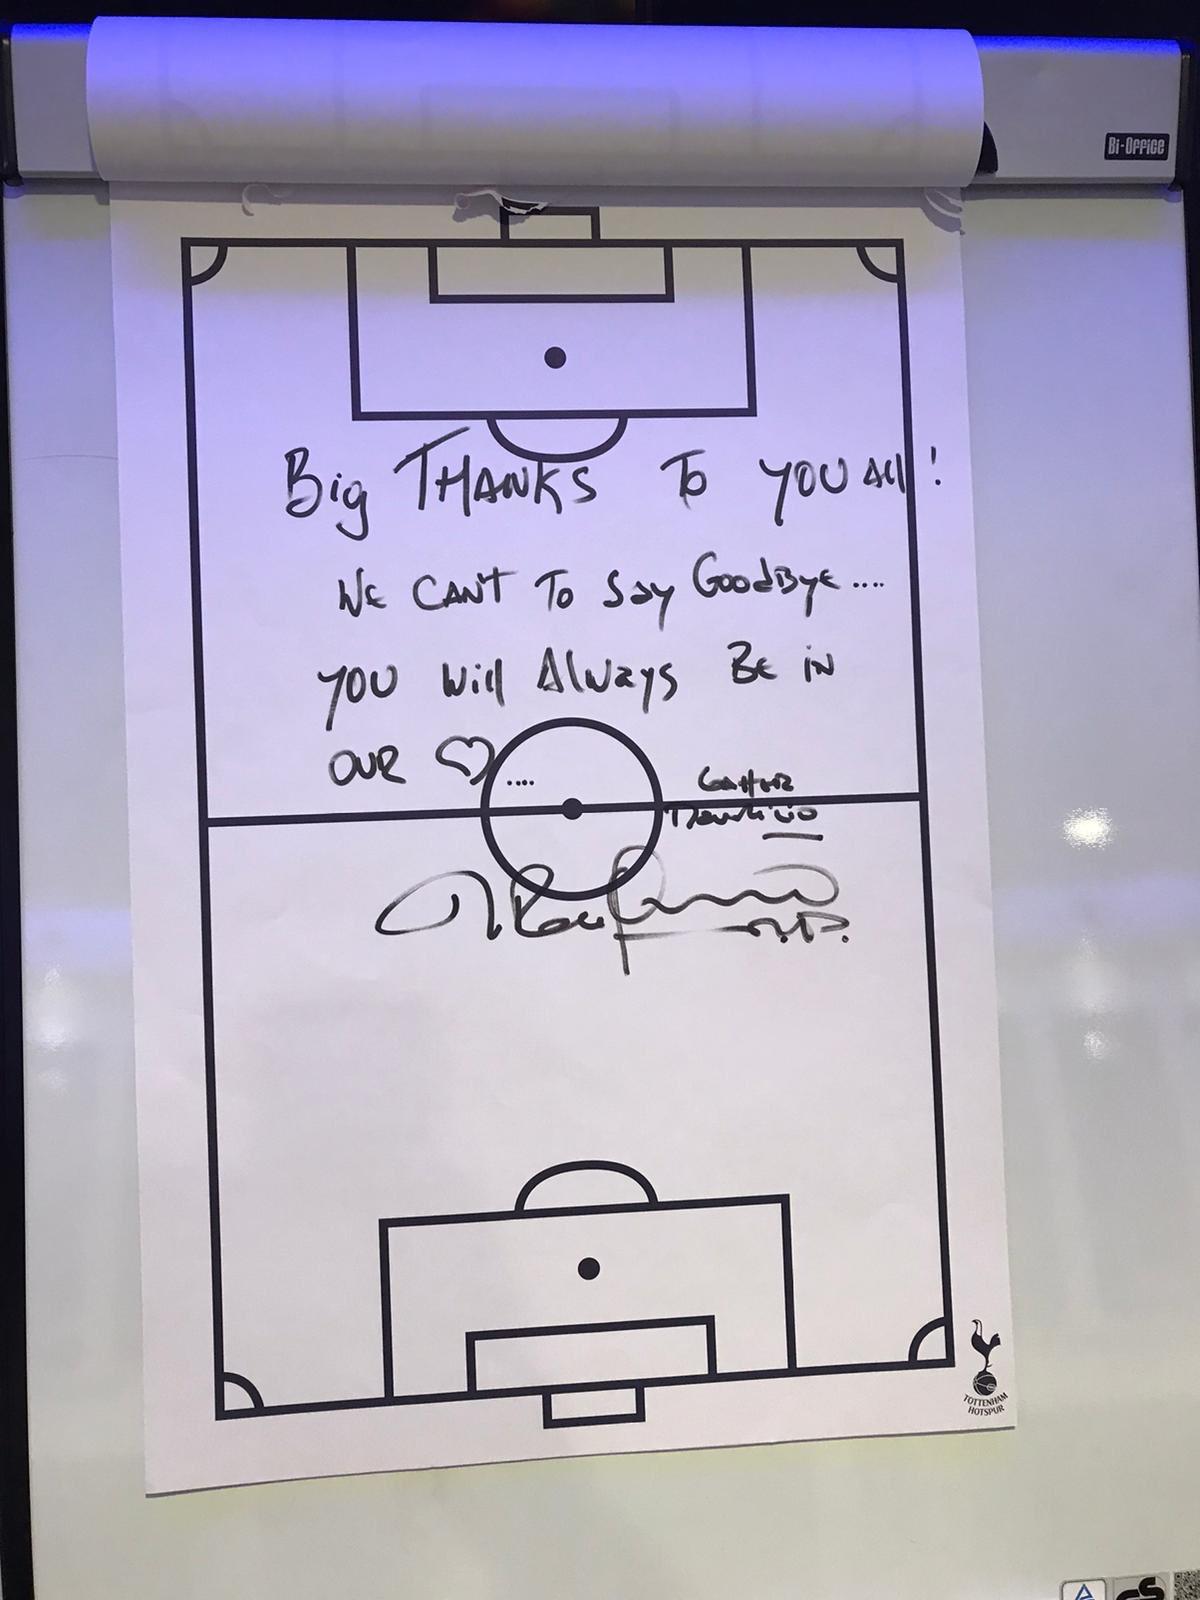 Olyan kegyetlenül dobták ki Pochettinót, hogy a mágnestáblára írt üzenettel tudott csak elbúcsúzni a csapattól